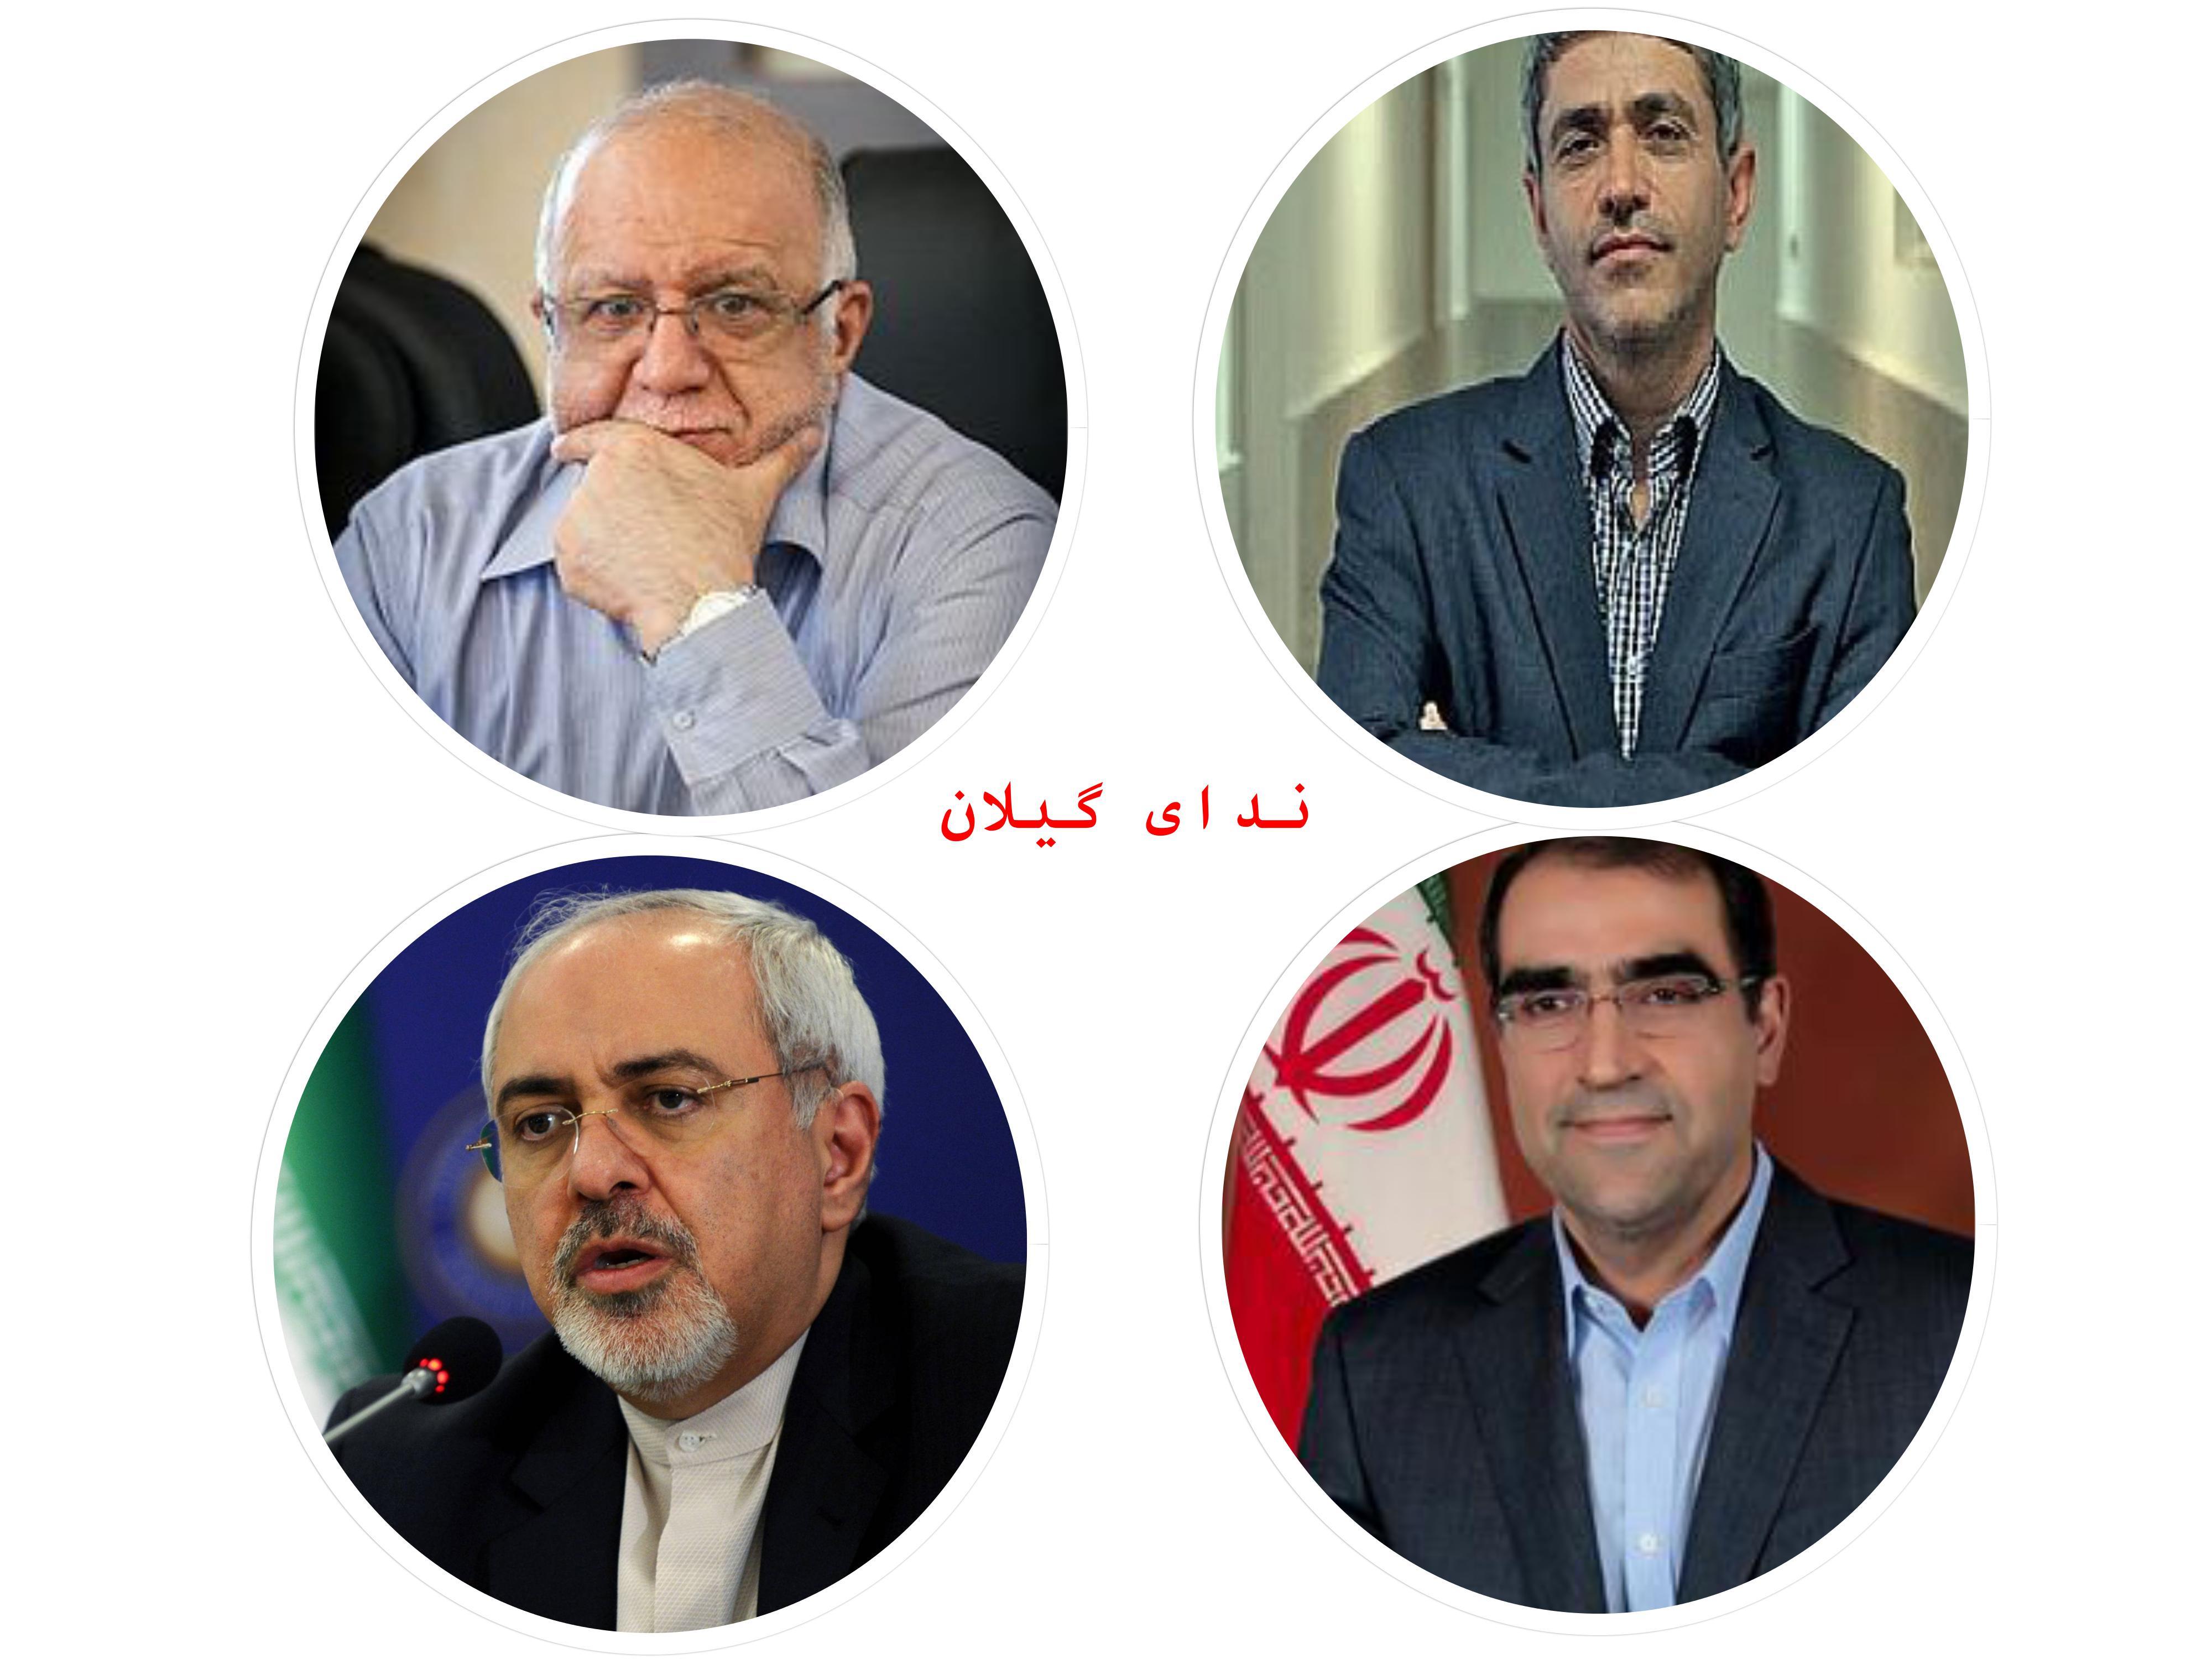 """چرا این 4 وزیر مورد هجوم نامزدهای """"جمنا"""" قرار می گیرند؟"""